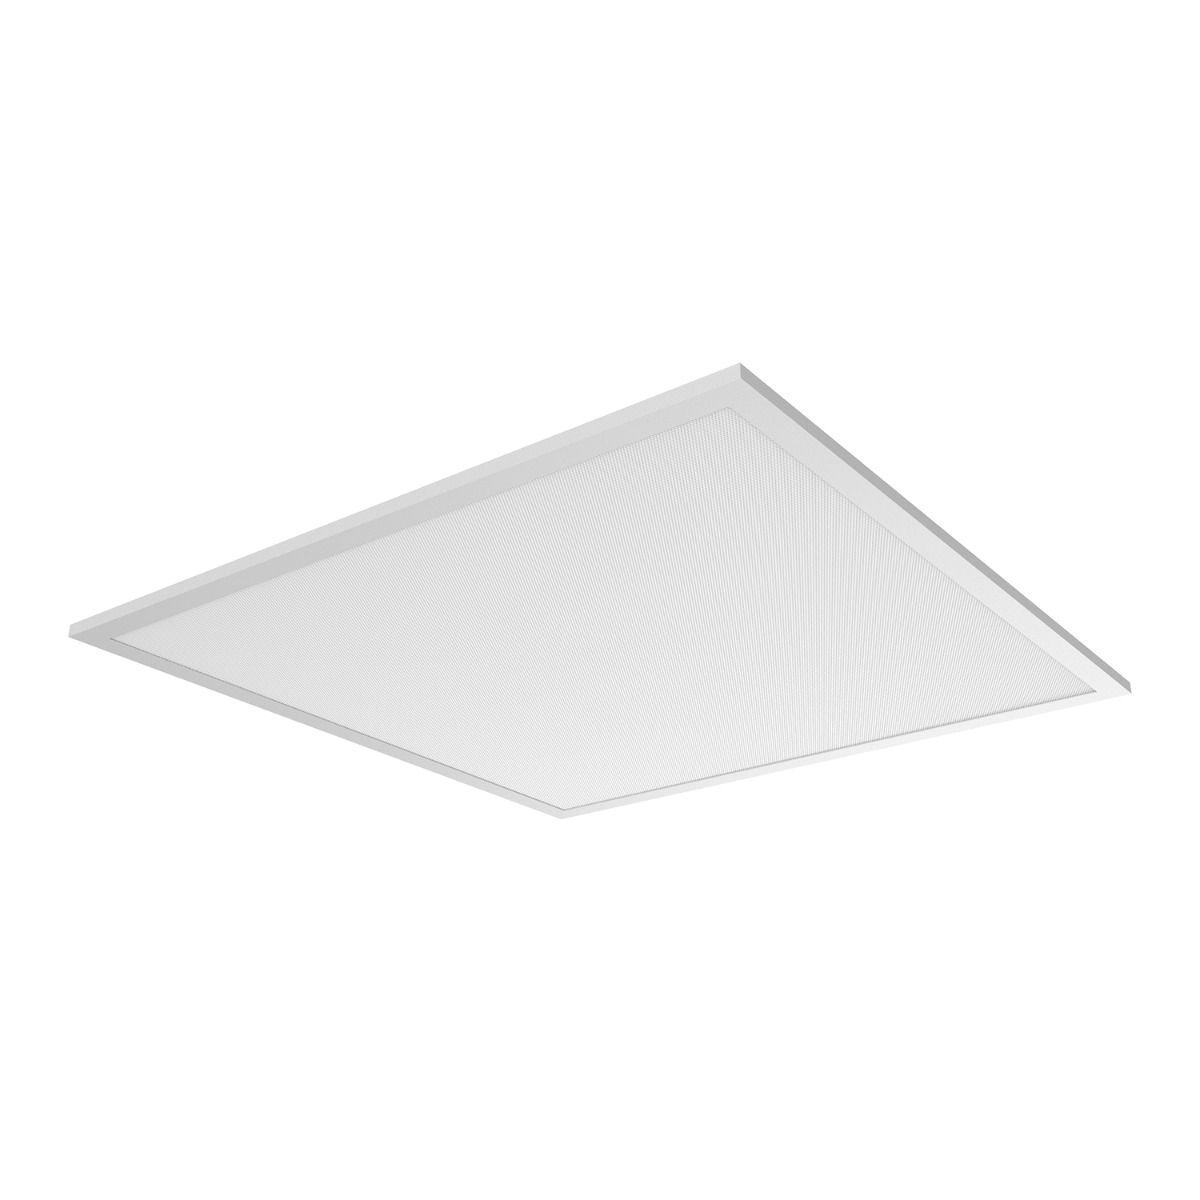 Noxion LED panel Delta Pro V3 DALI 30W 4000K 4070lm 60x60cm UGR <22 | kald hvit - erstatter 4x18W